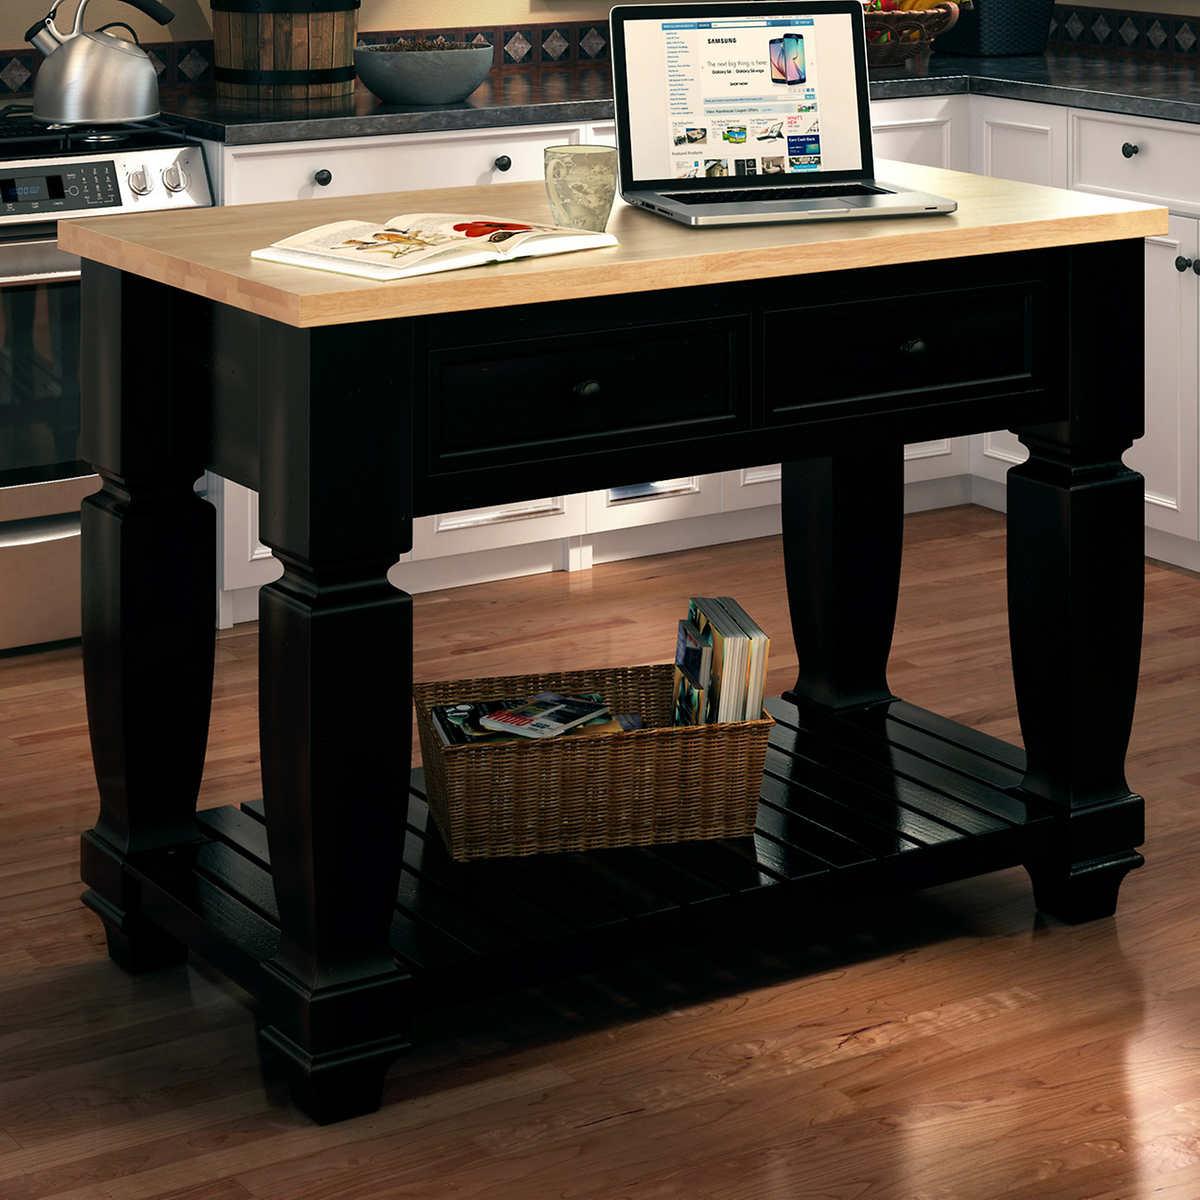 Sold Costco Kitchen Islands Costco Kitchen Remodel Costco Kitchen Cupboards Costco Double